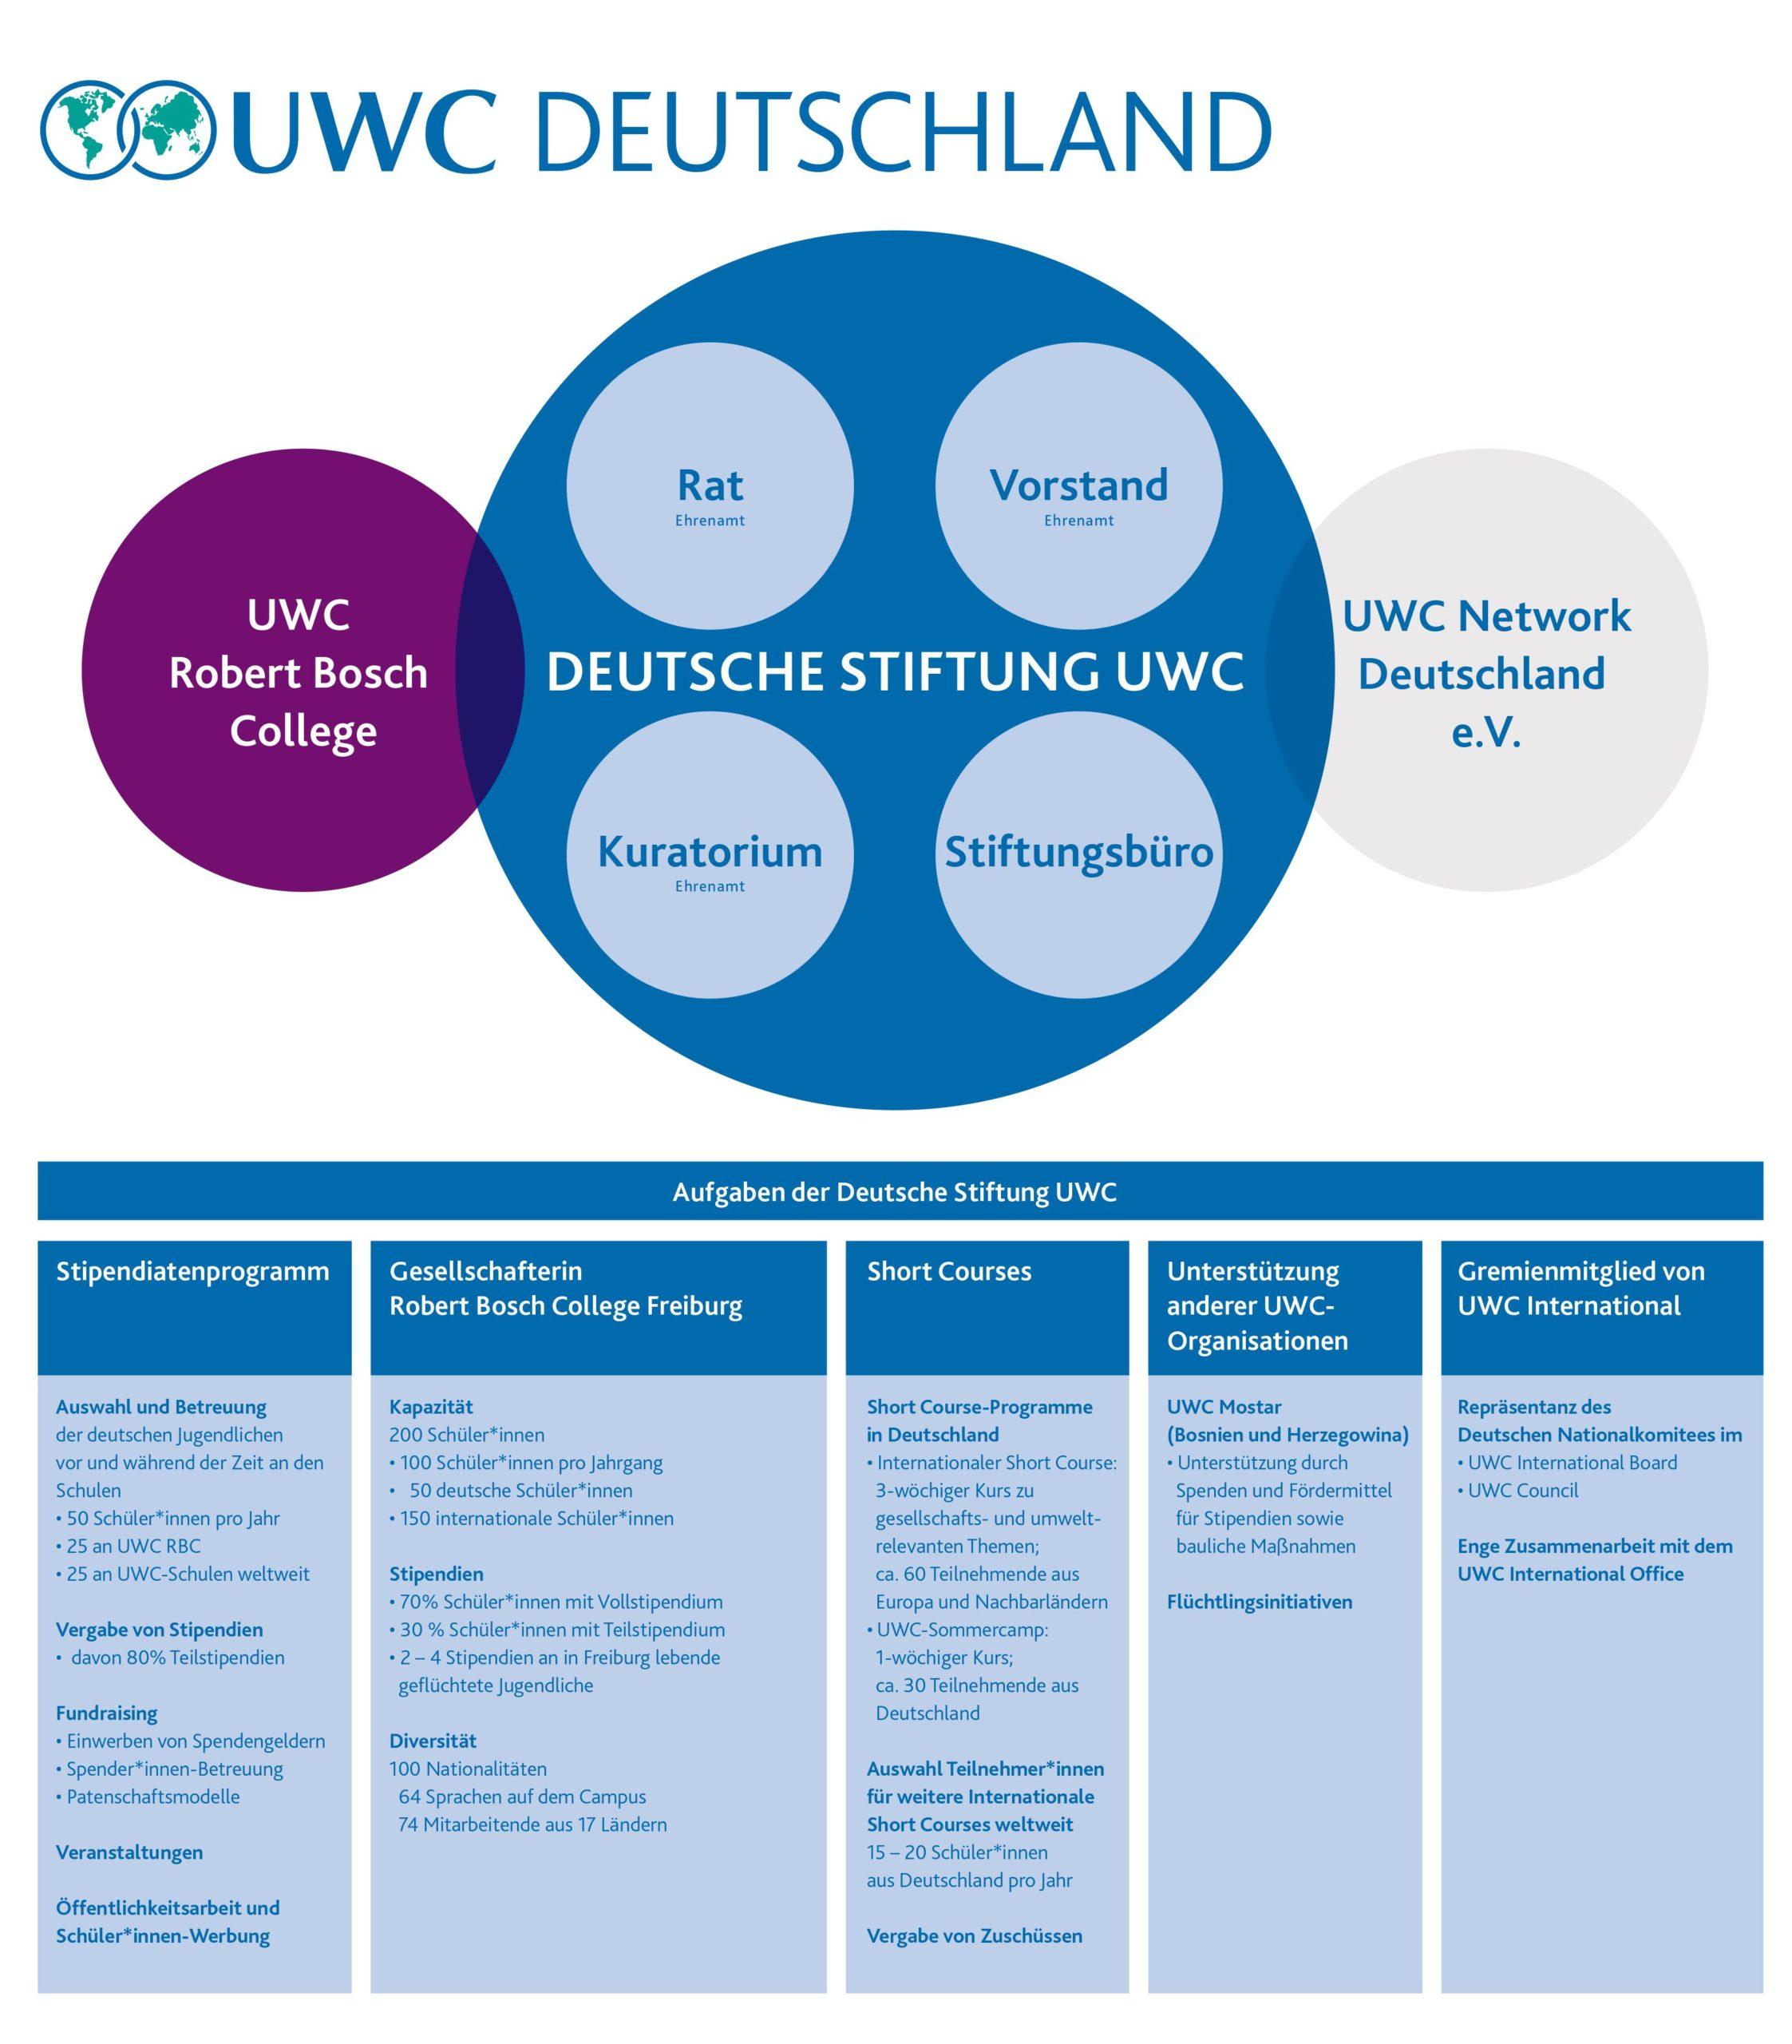 Organigramm UWC Deutschland